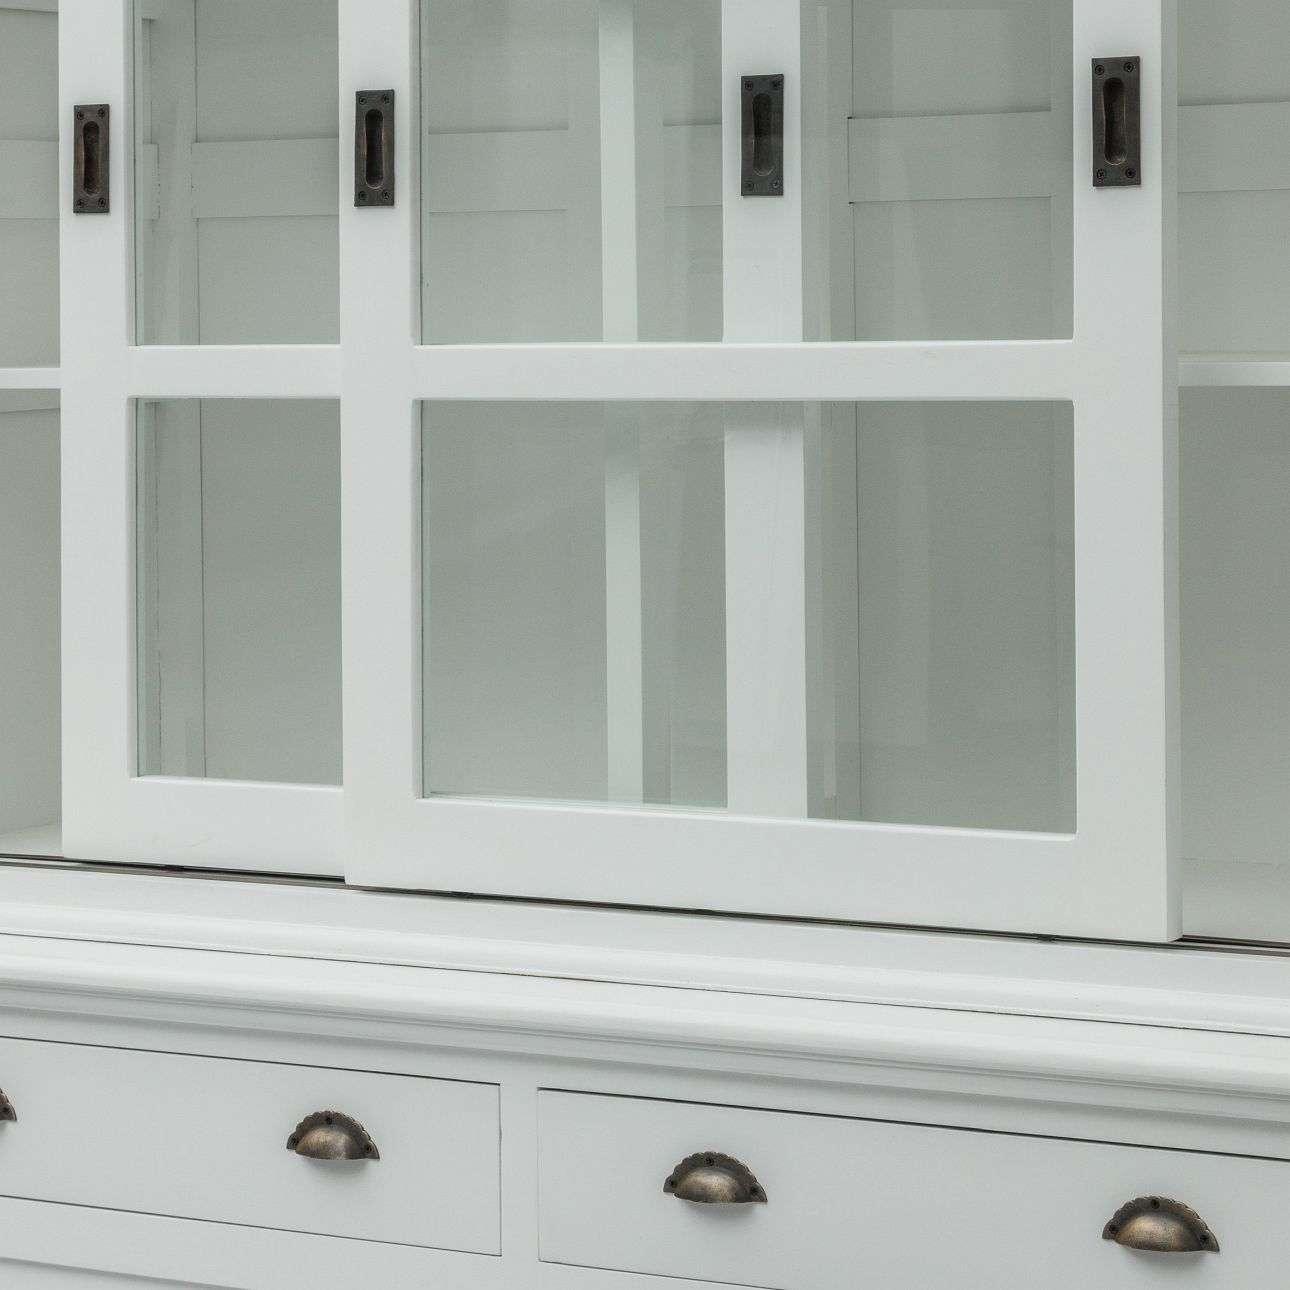 Kredens New England white, 2 szuflady+ 2 drzwi przesuwne 143x52x215cm 143x52x215cm